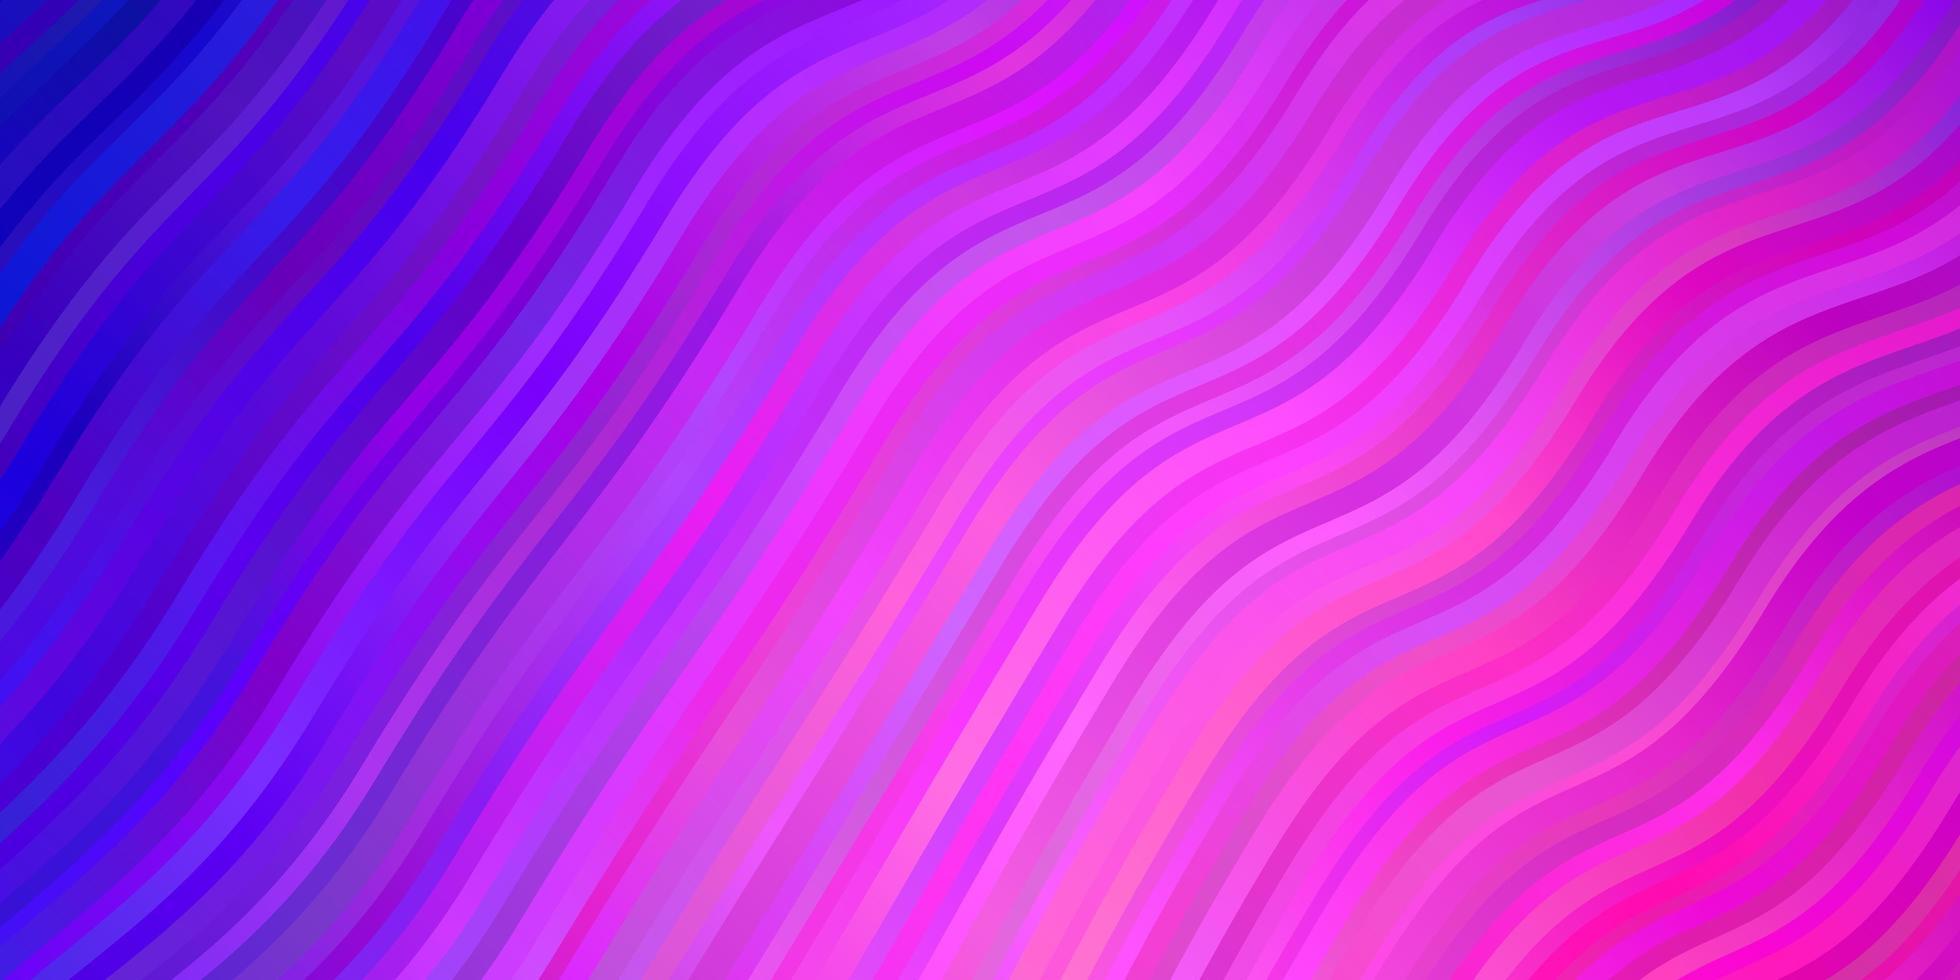 layout de vetor roxo claro, rosa com arco circular.